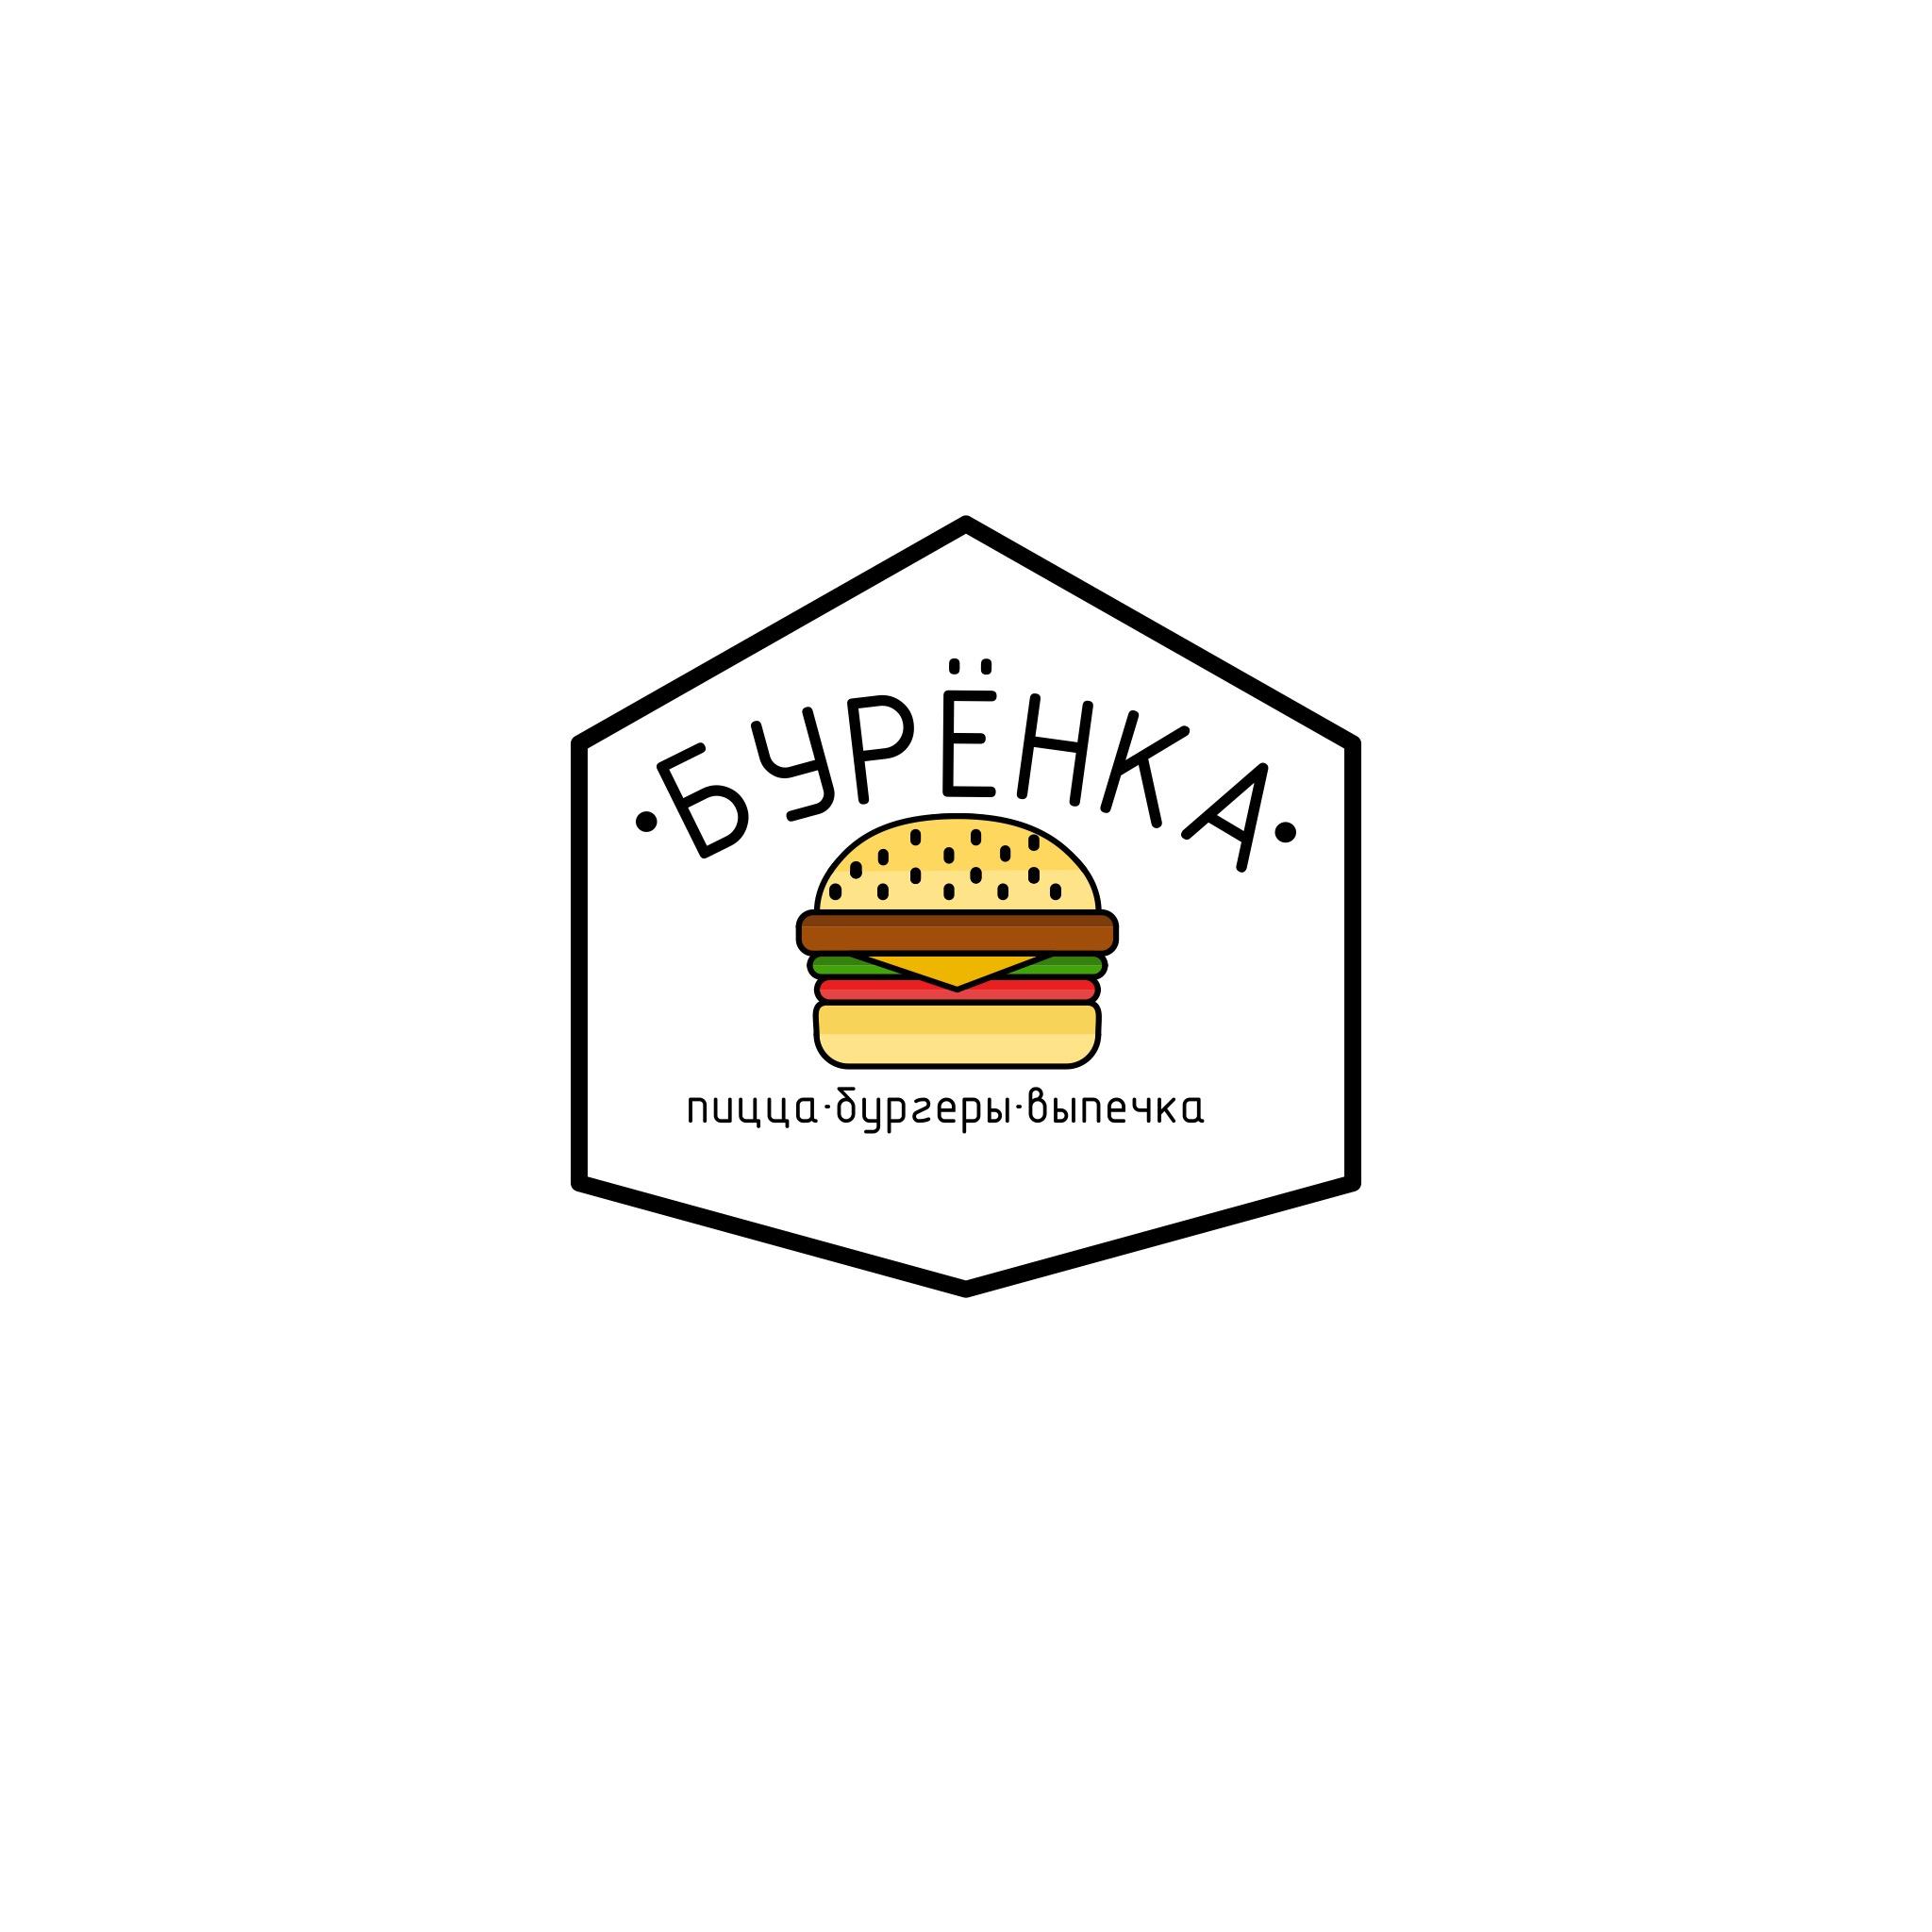 Логотип для Бургерной с Пекарней фото f_1165e10b3655d76b.jpg